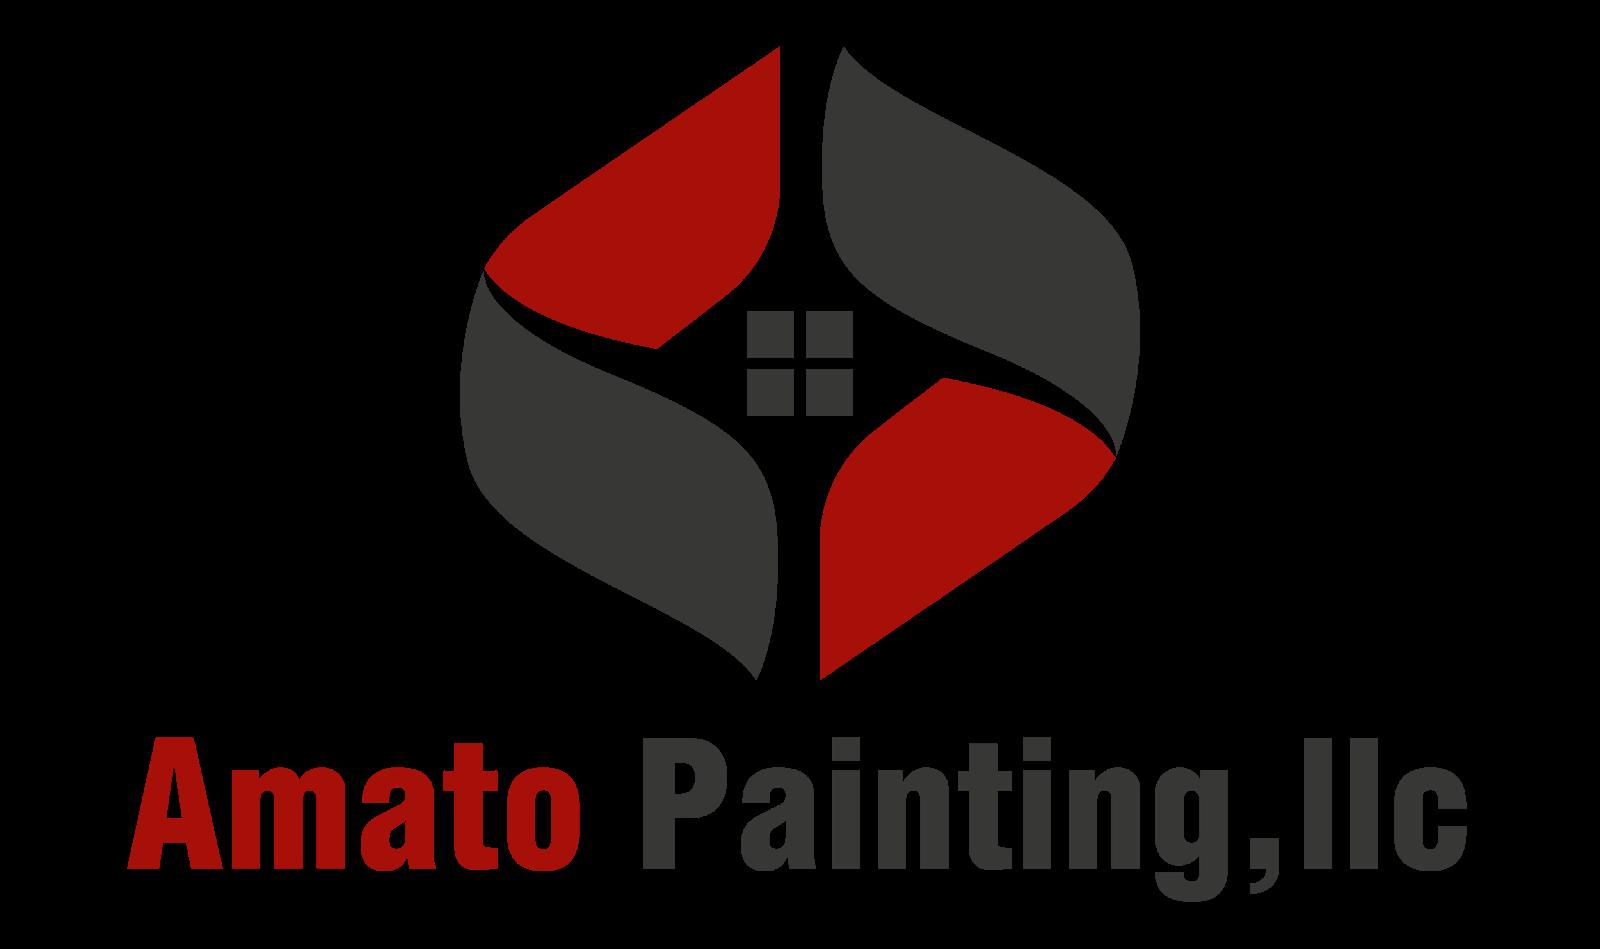 Amato Painting